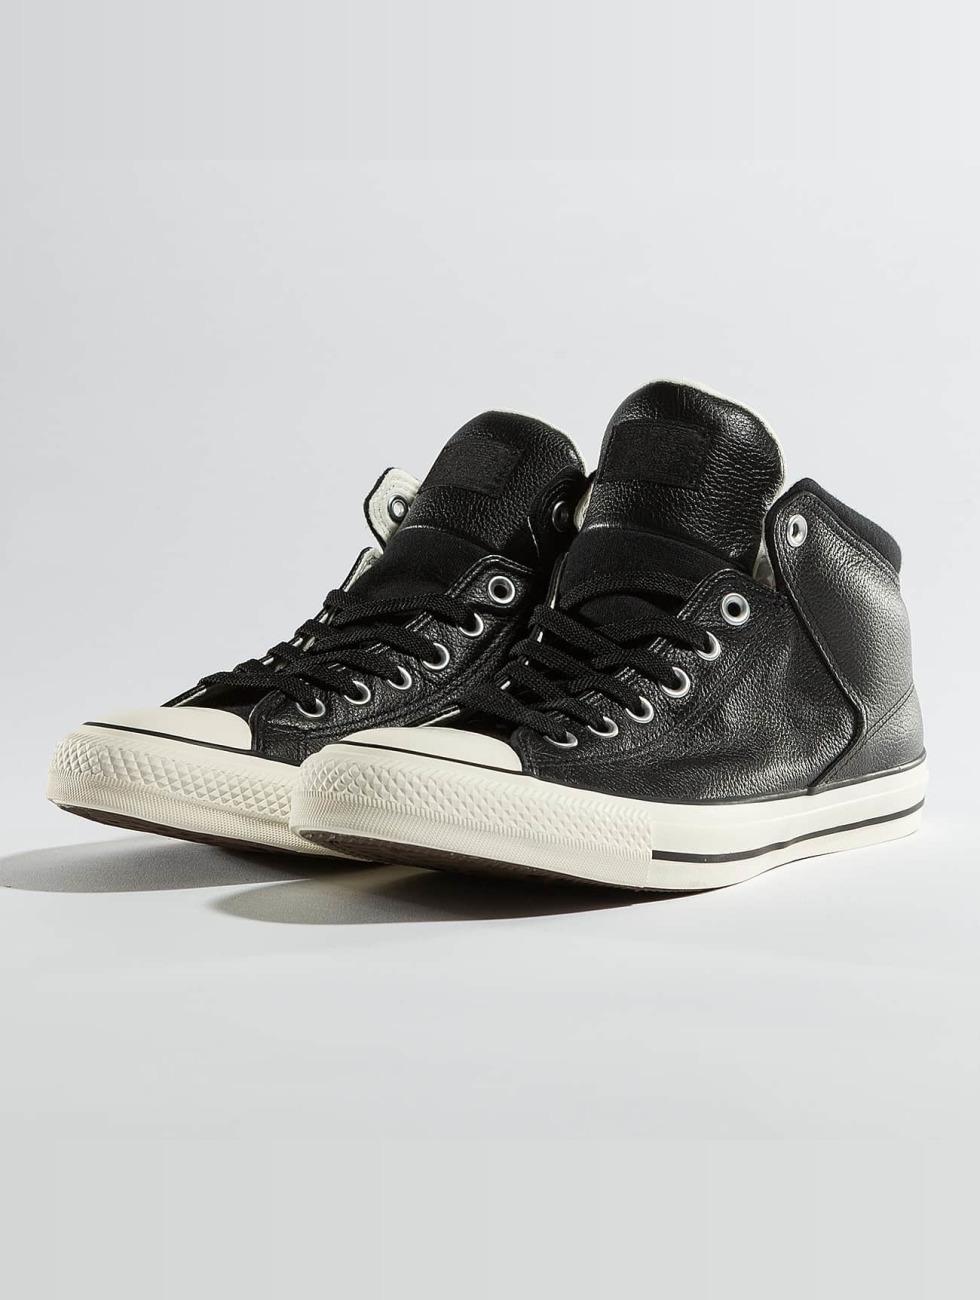 Converse Baskets Chuck Taylor All Star High Street noir